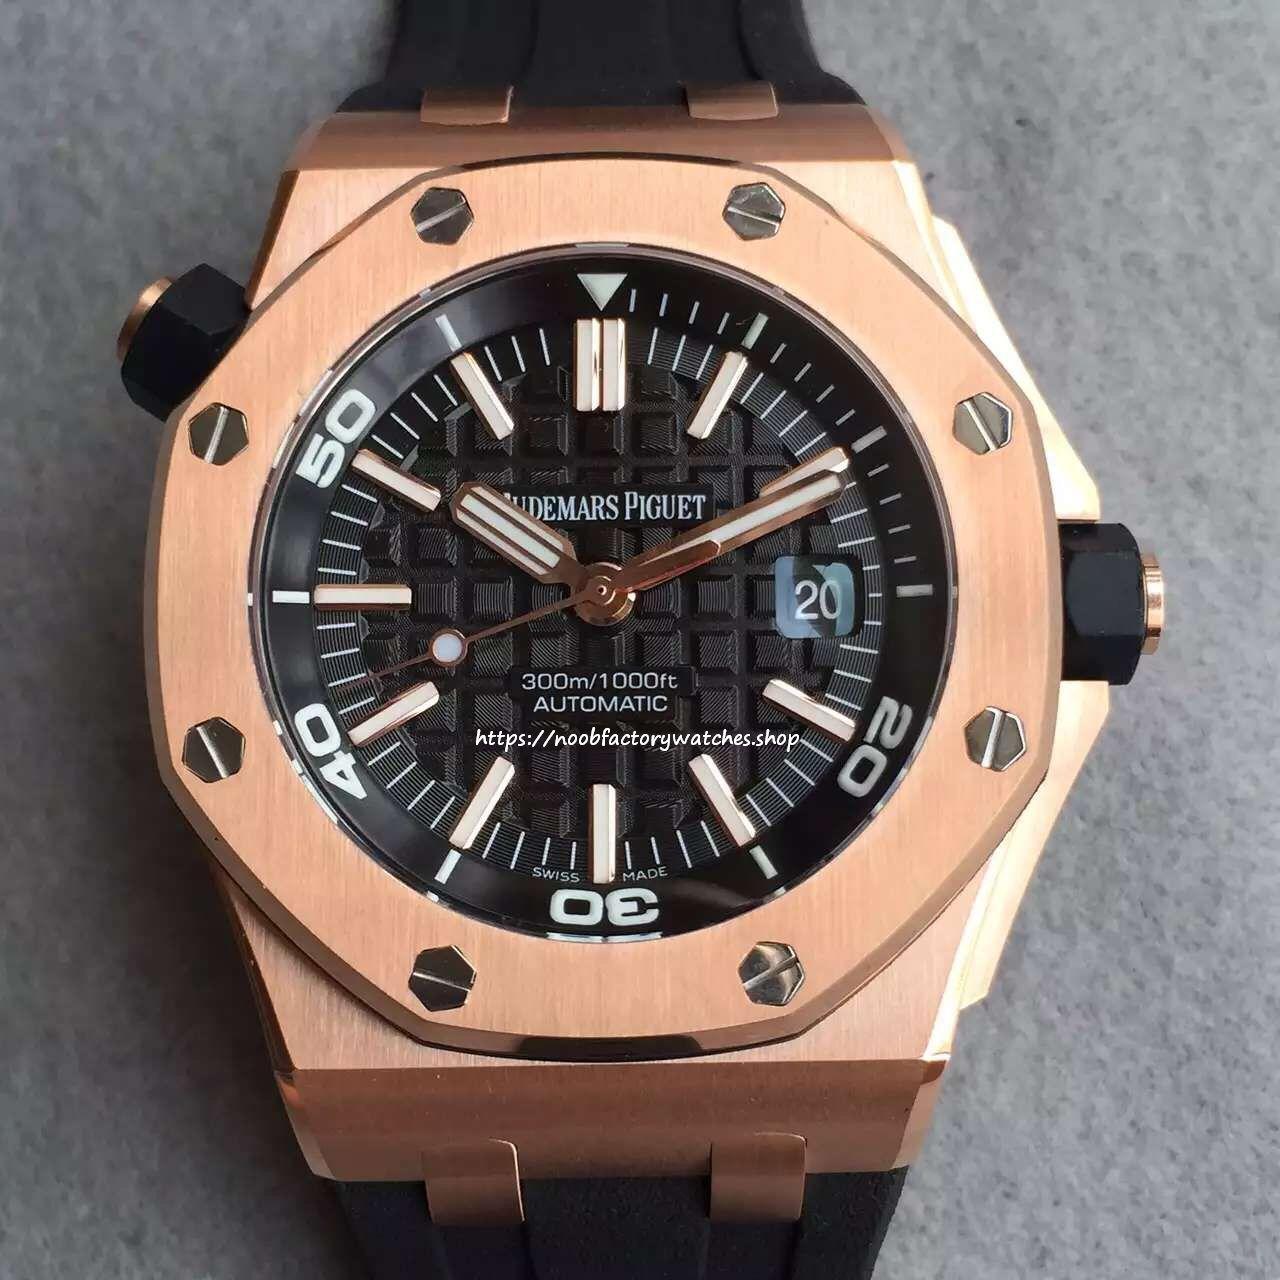 Audemars Piguet Royal Oak Offshore Diver 15703 Rose Gold The N Factory